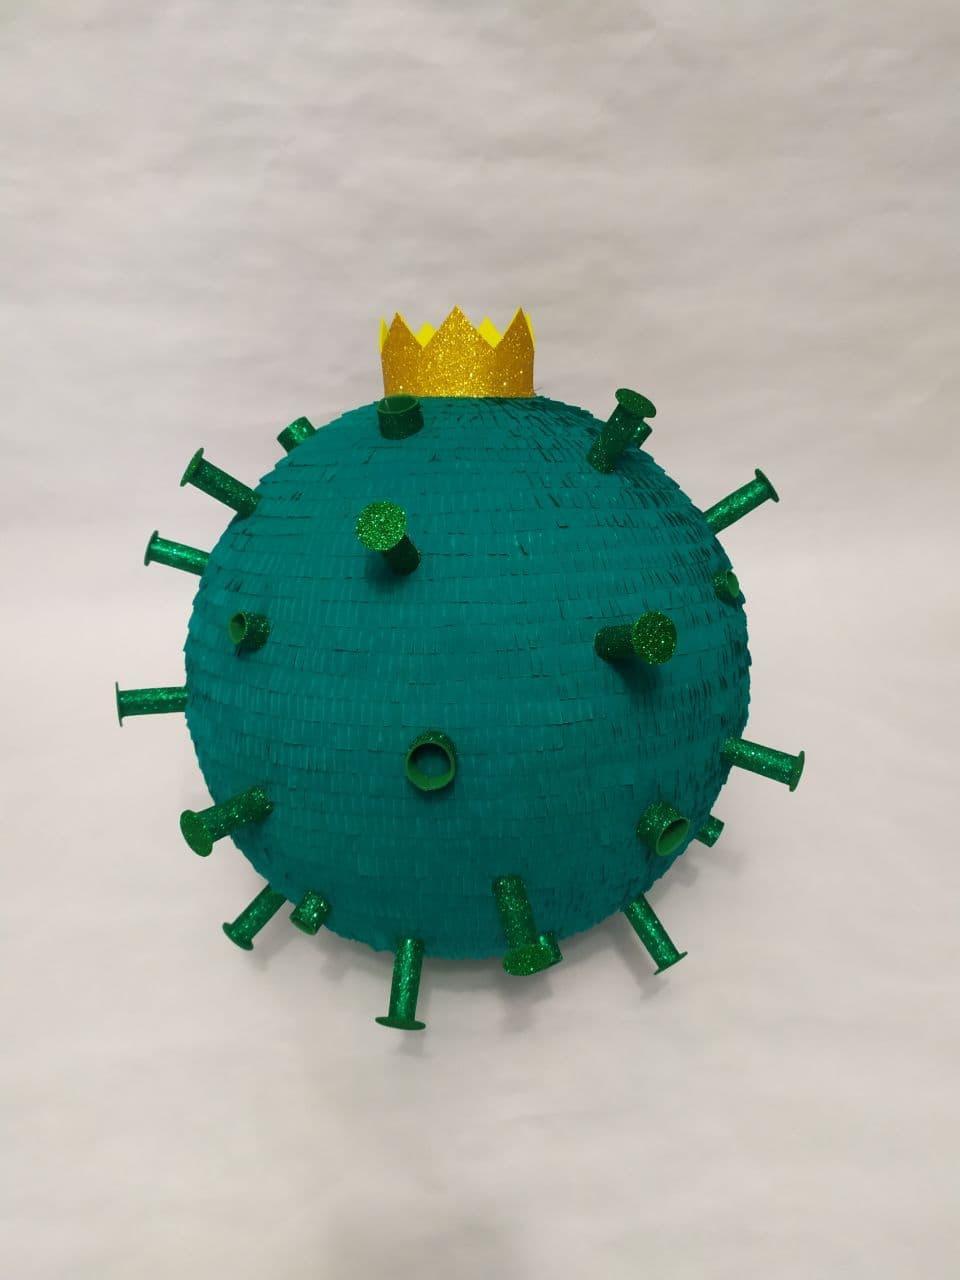 Піньята - Корона Вірус. Є розміри. Медаль в ПОДАРУНОК .